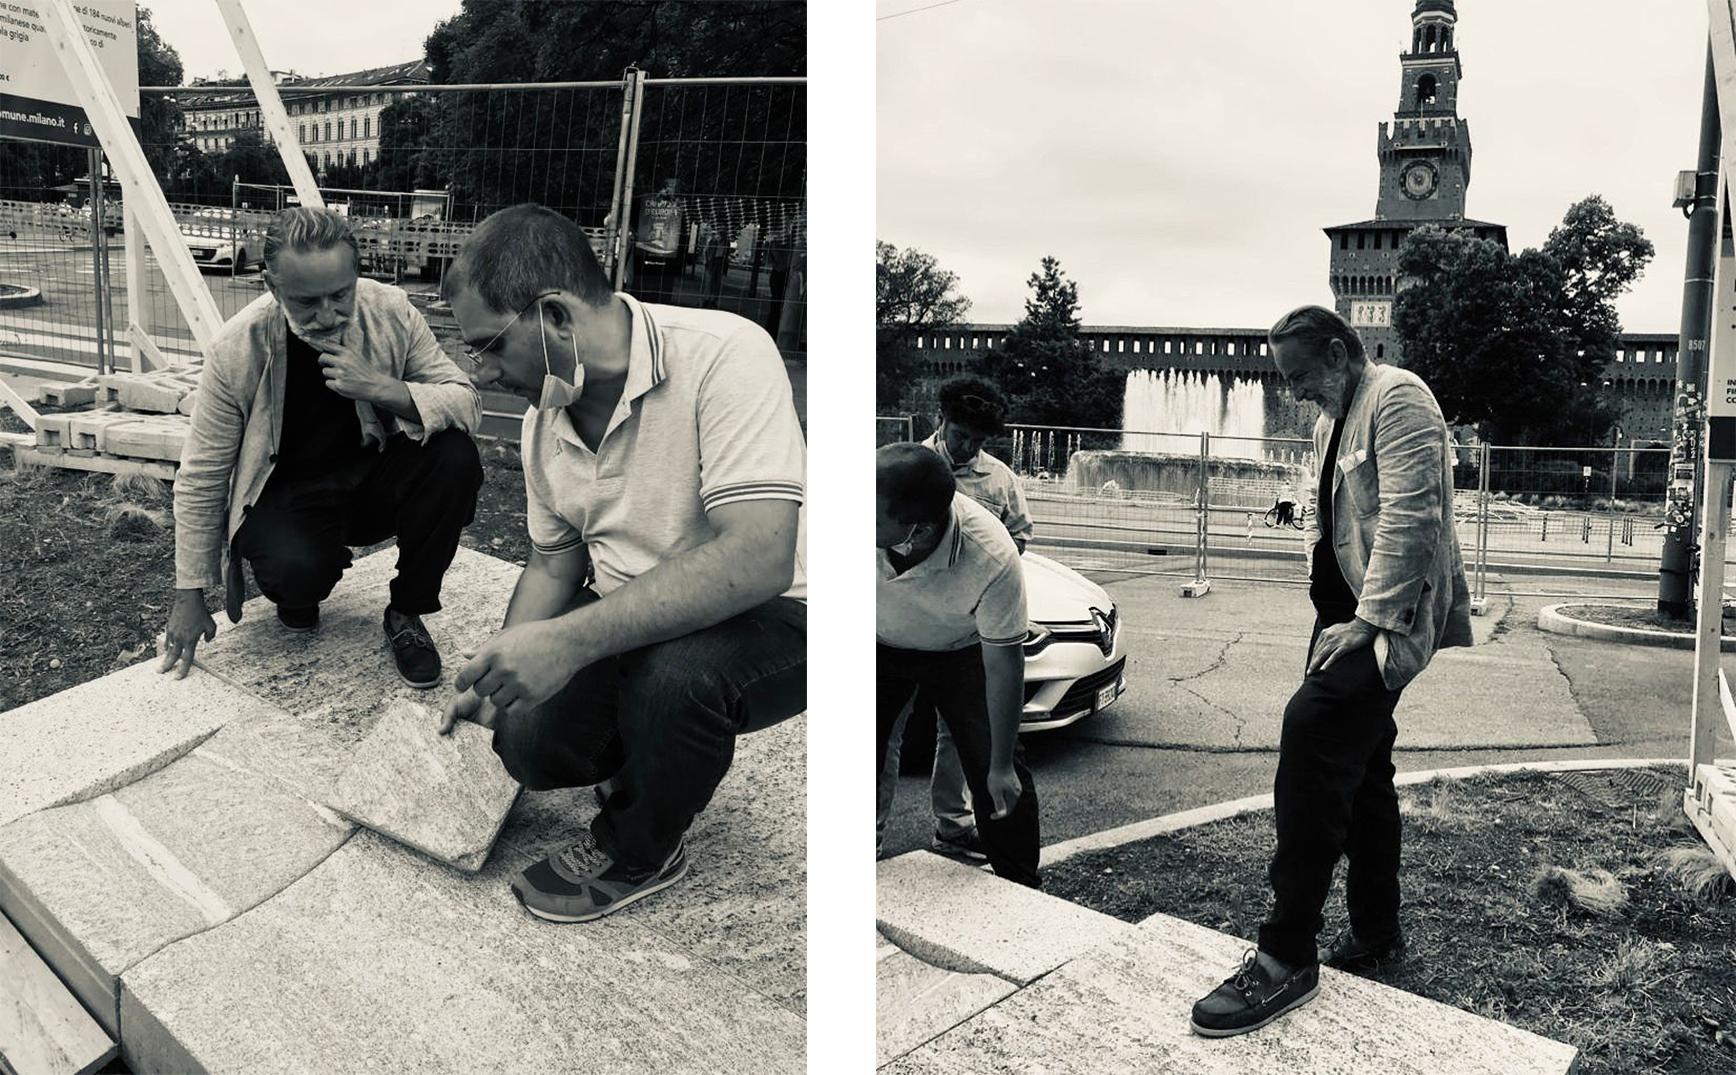 emanuele genuizzi al lavoro in piazza castello